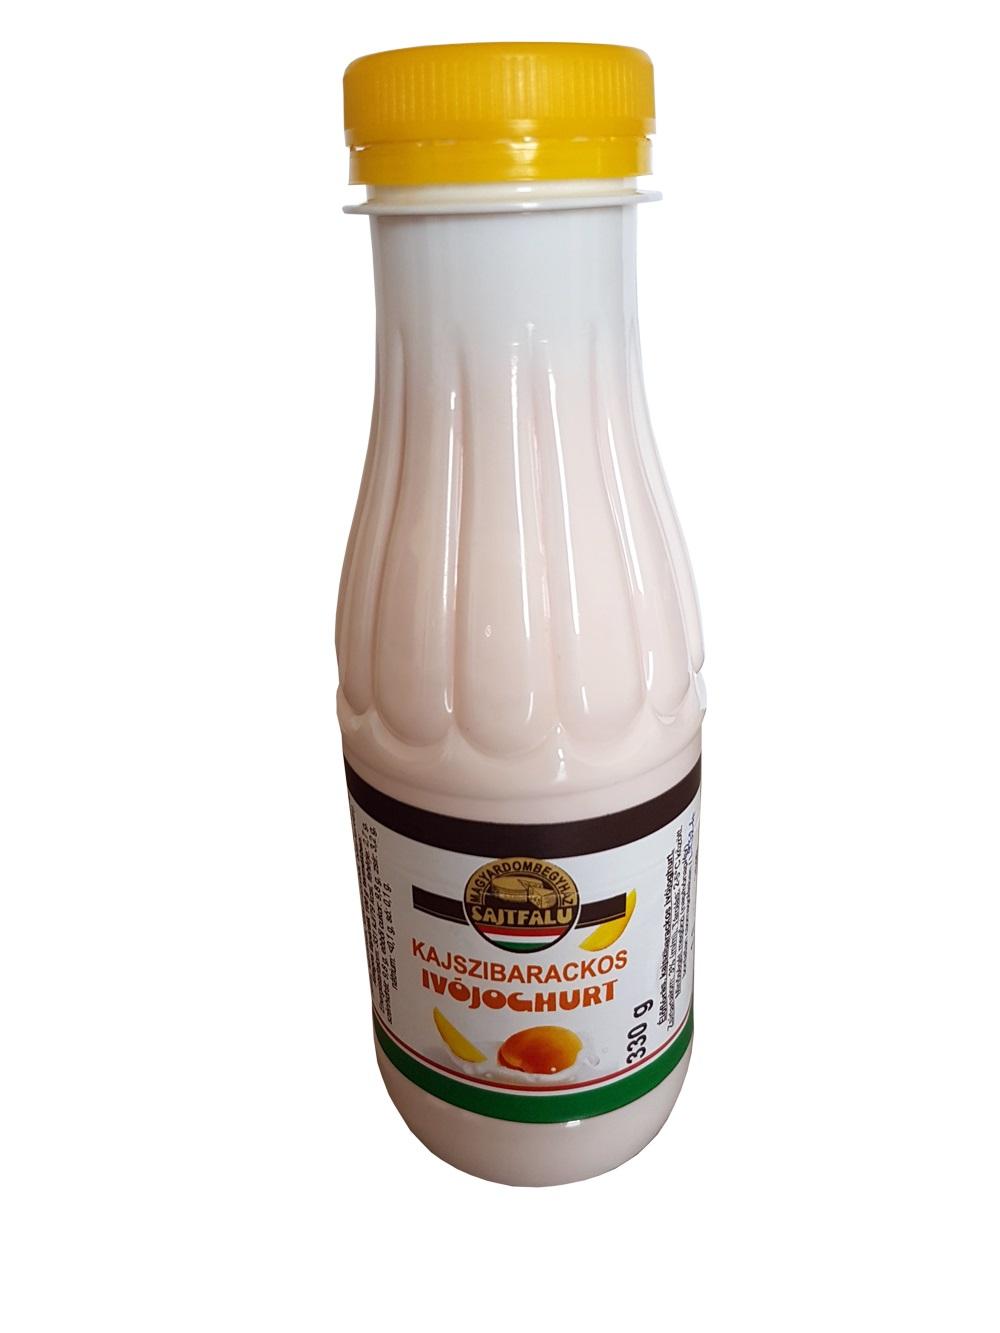 Magyardombegyházi kajszibarackos ivójoghurt 330g